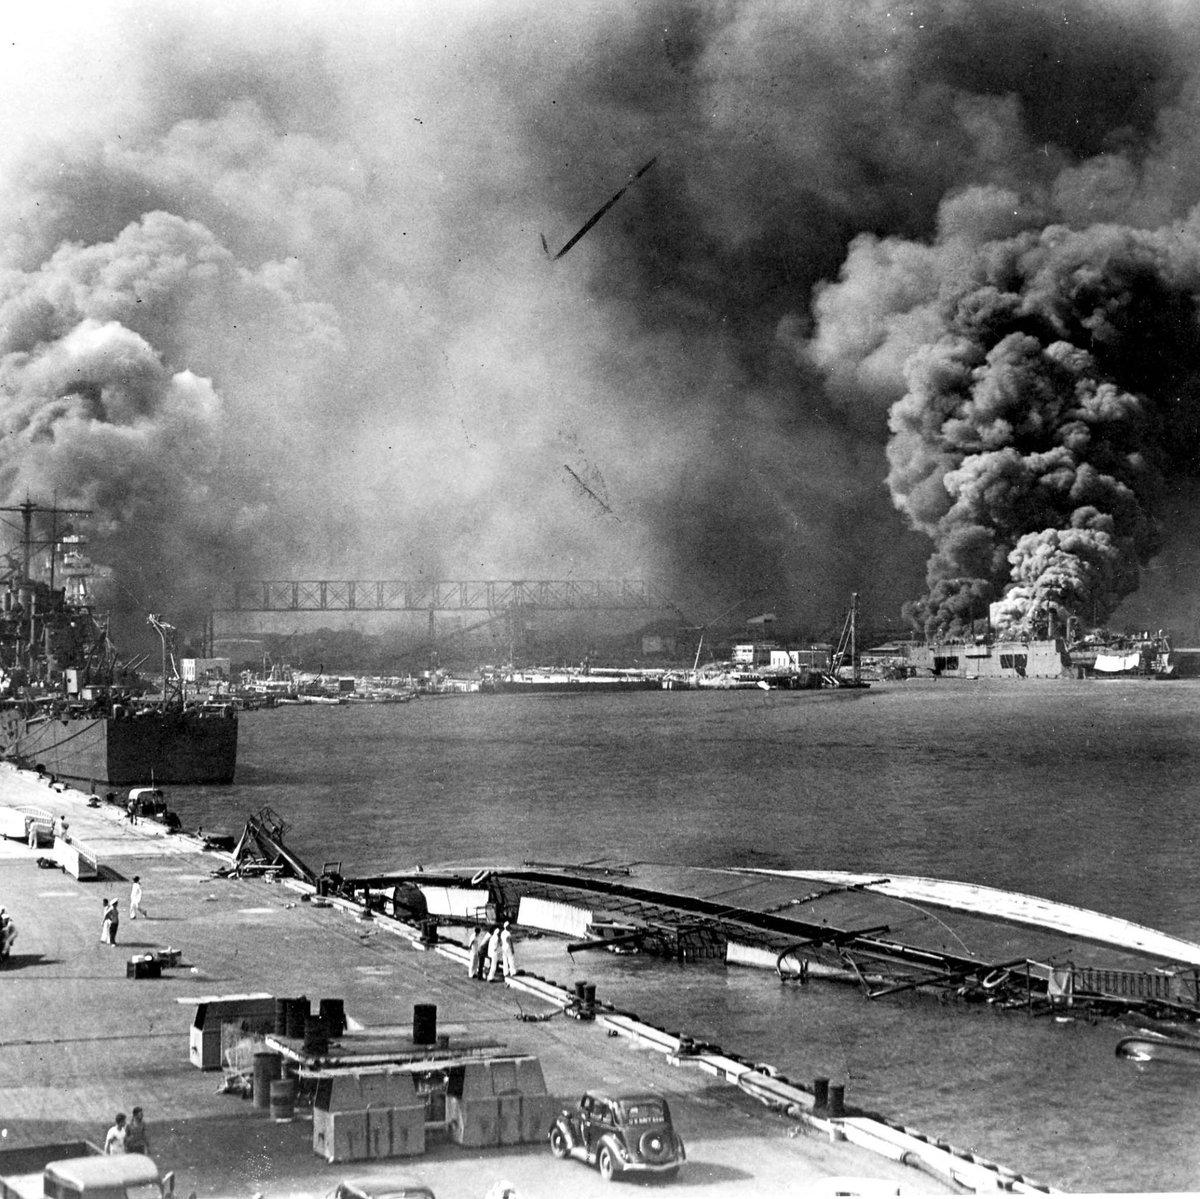 Remember #PearlHarbor. http://t.co/1hew1NBovk